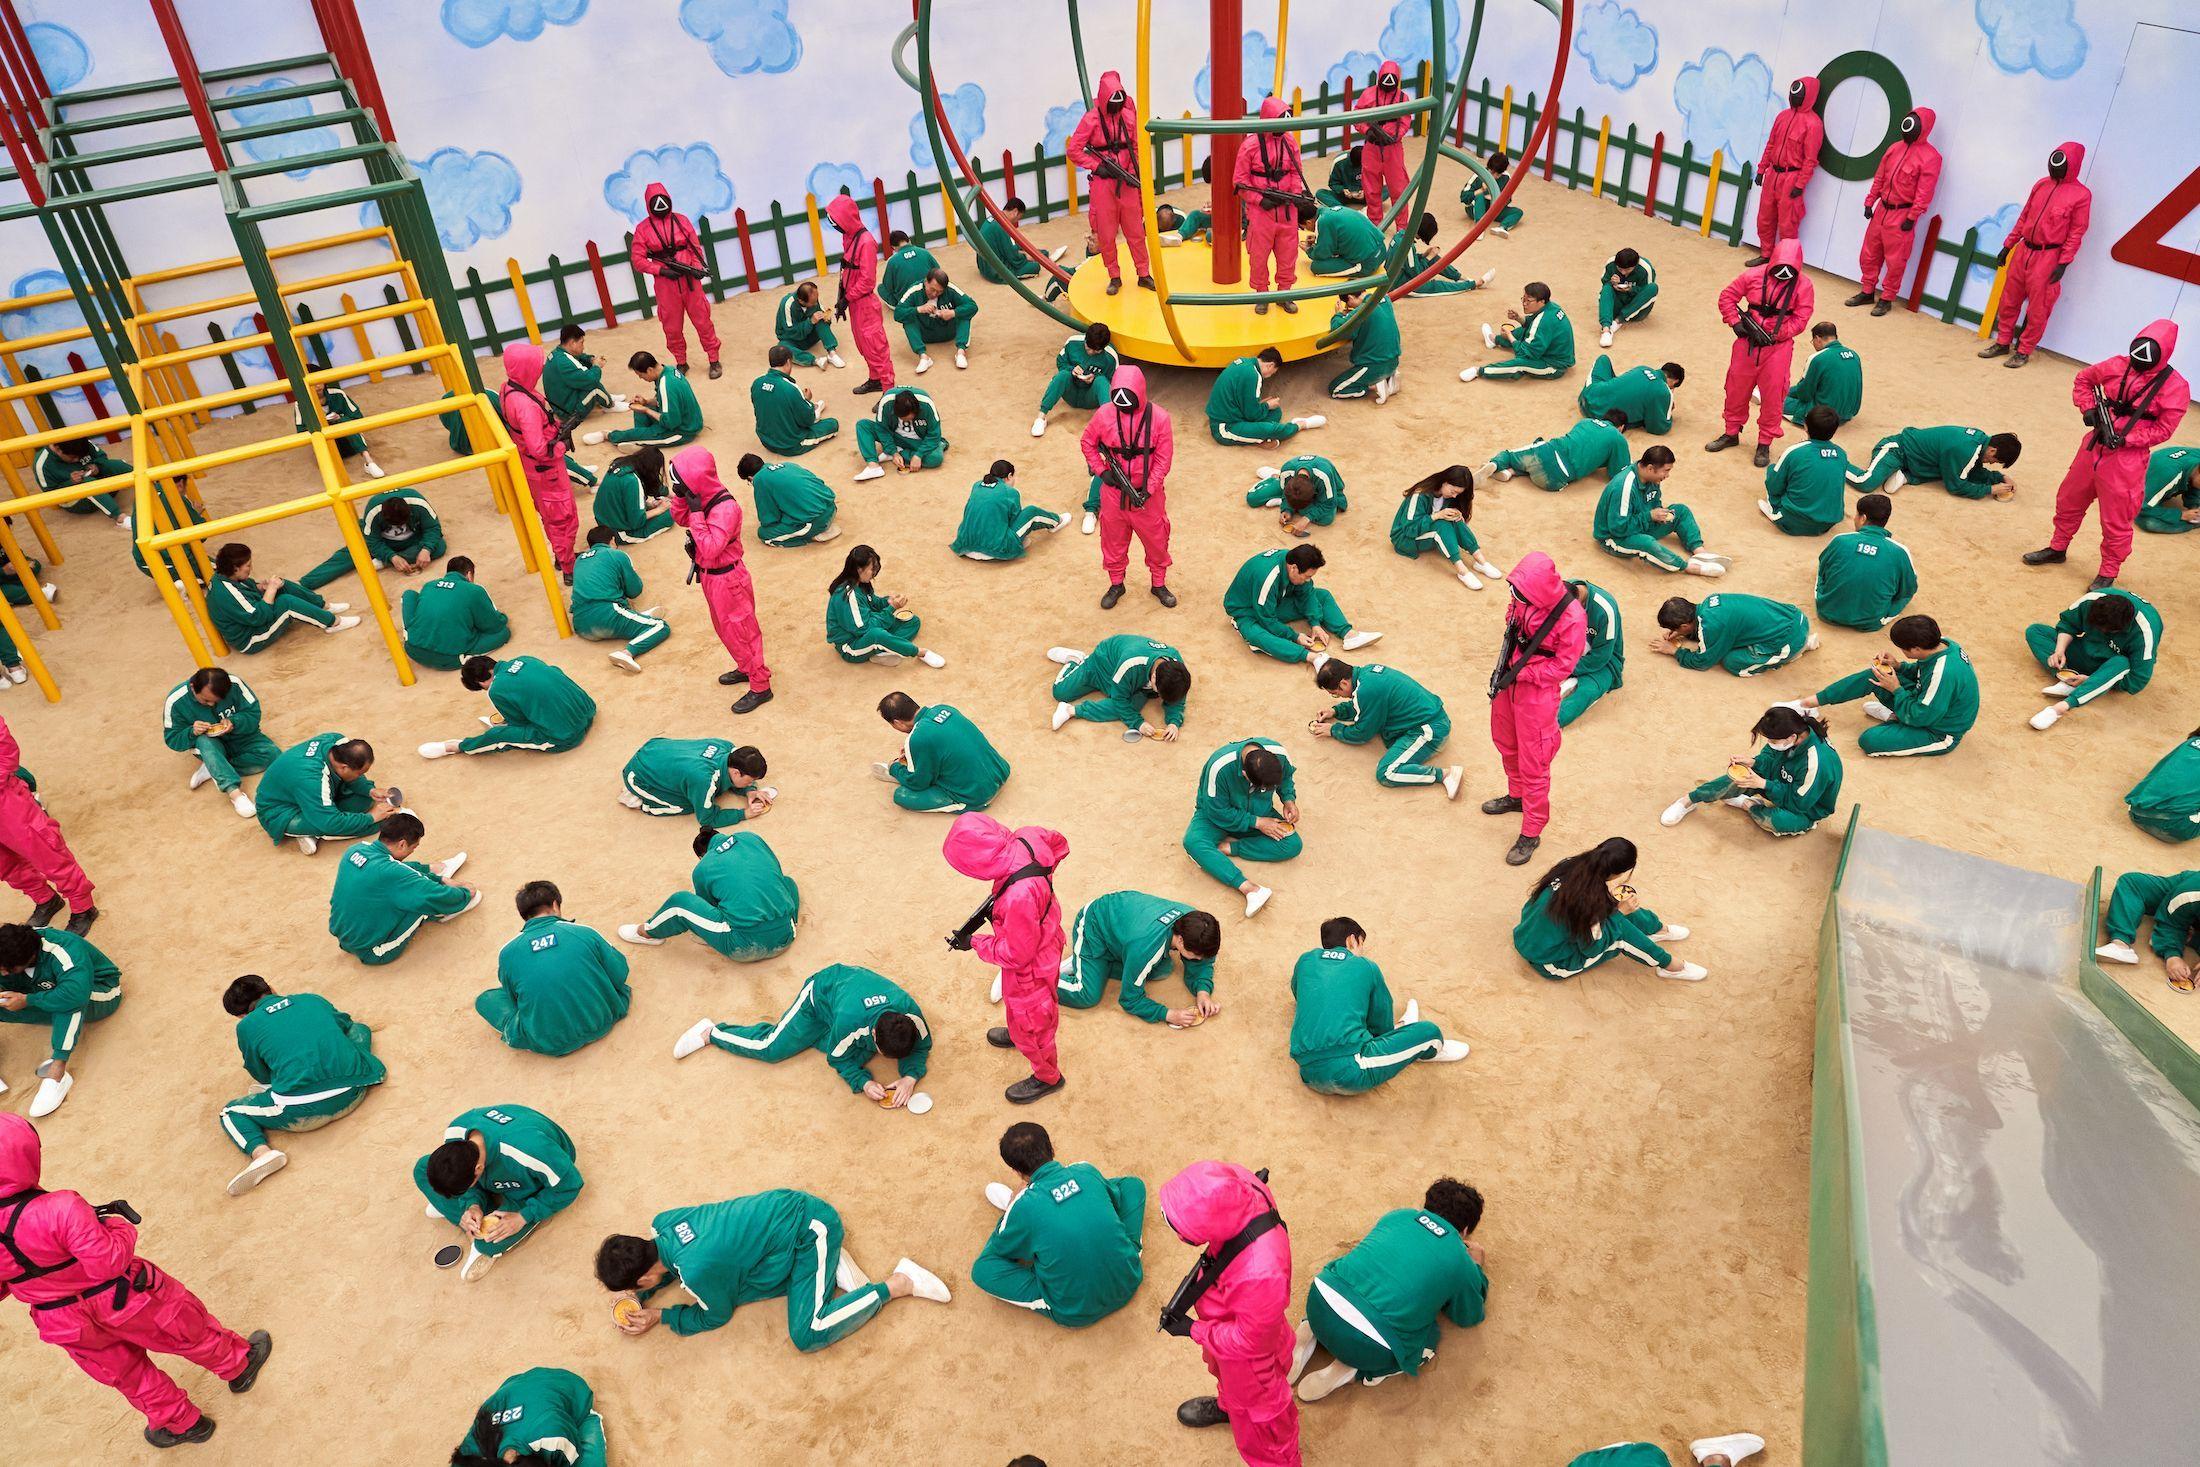 Ďalšia z hier, ktorej prostredie pripomína detské ihrisko (Foto: marieclaire.com)